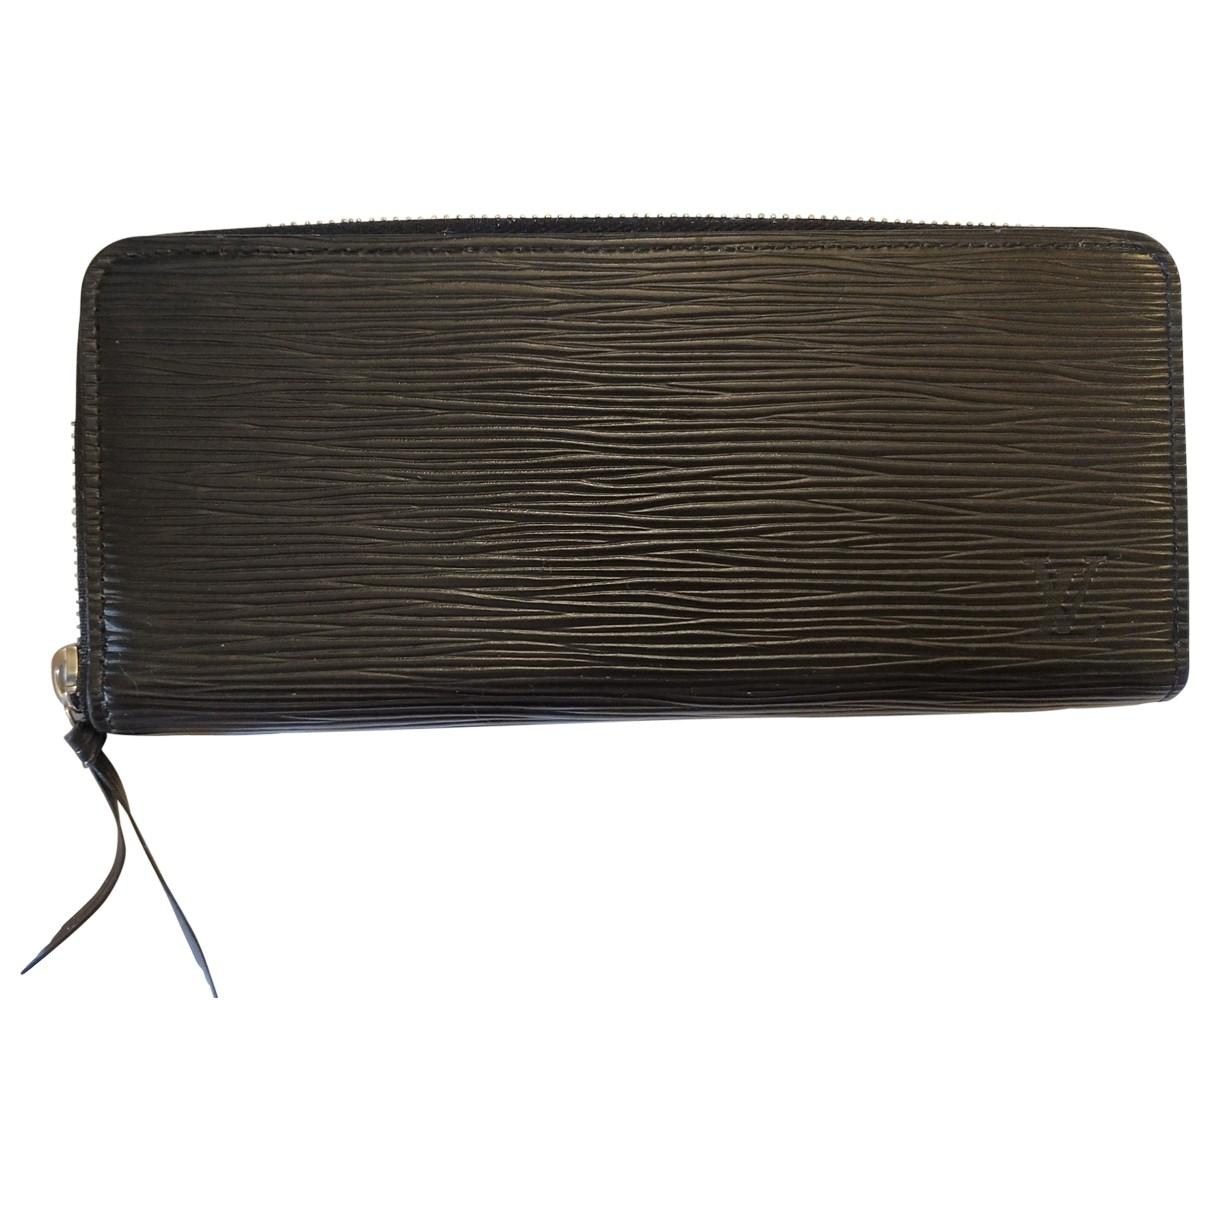 Louis Vuitton - Portefeuille Louise pour femme en cuir - noir